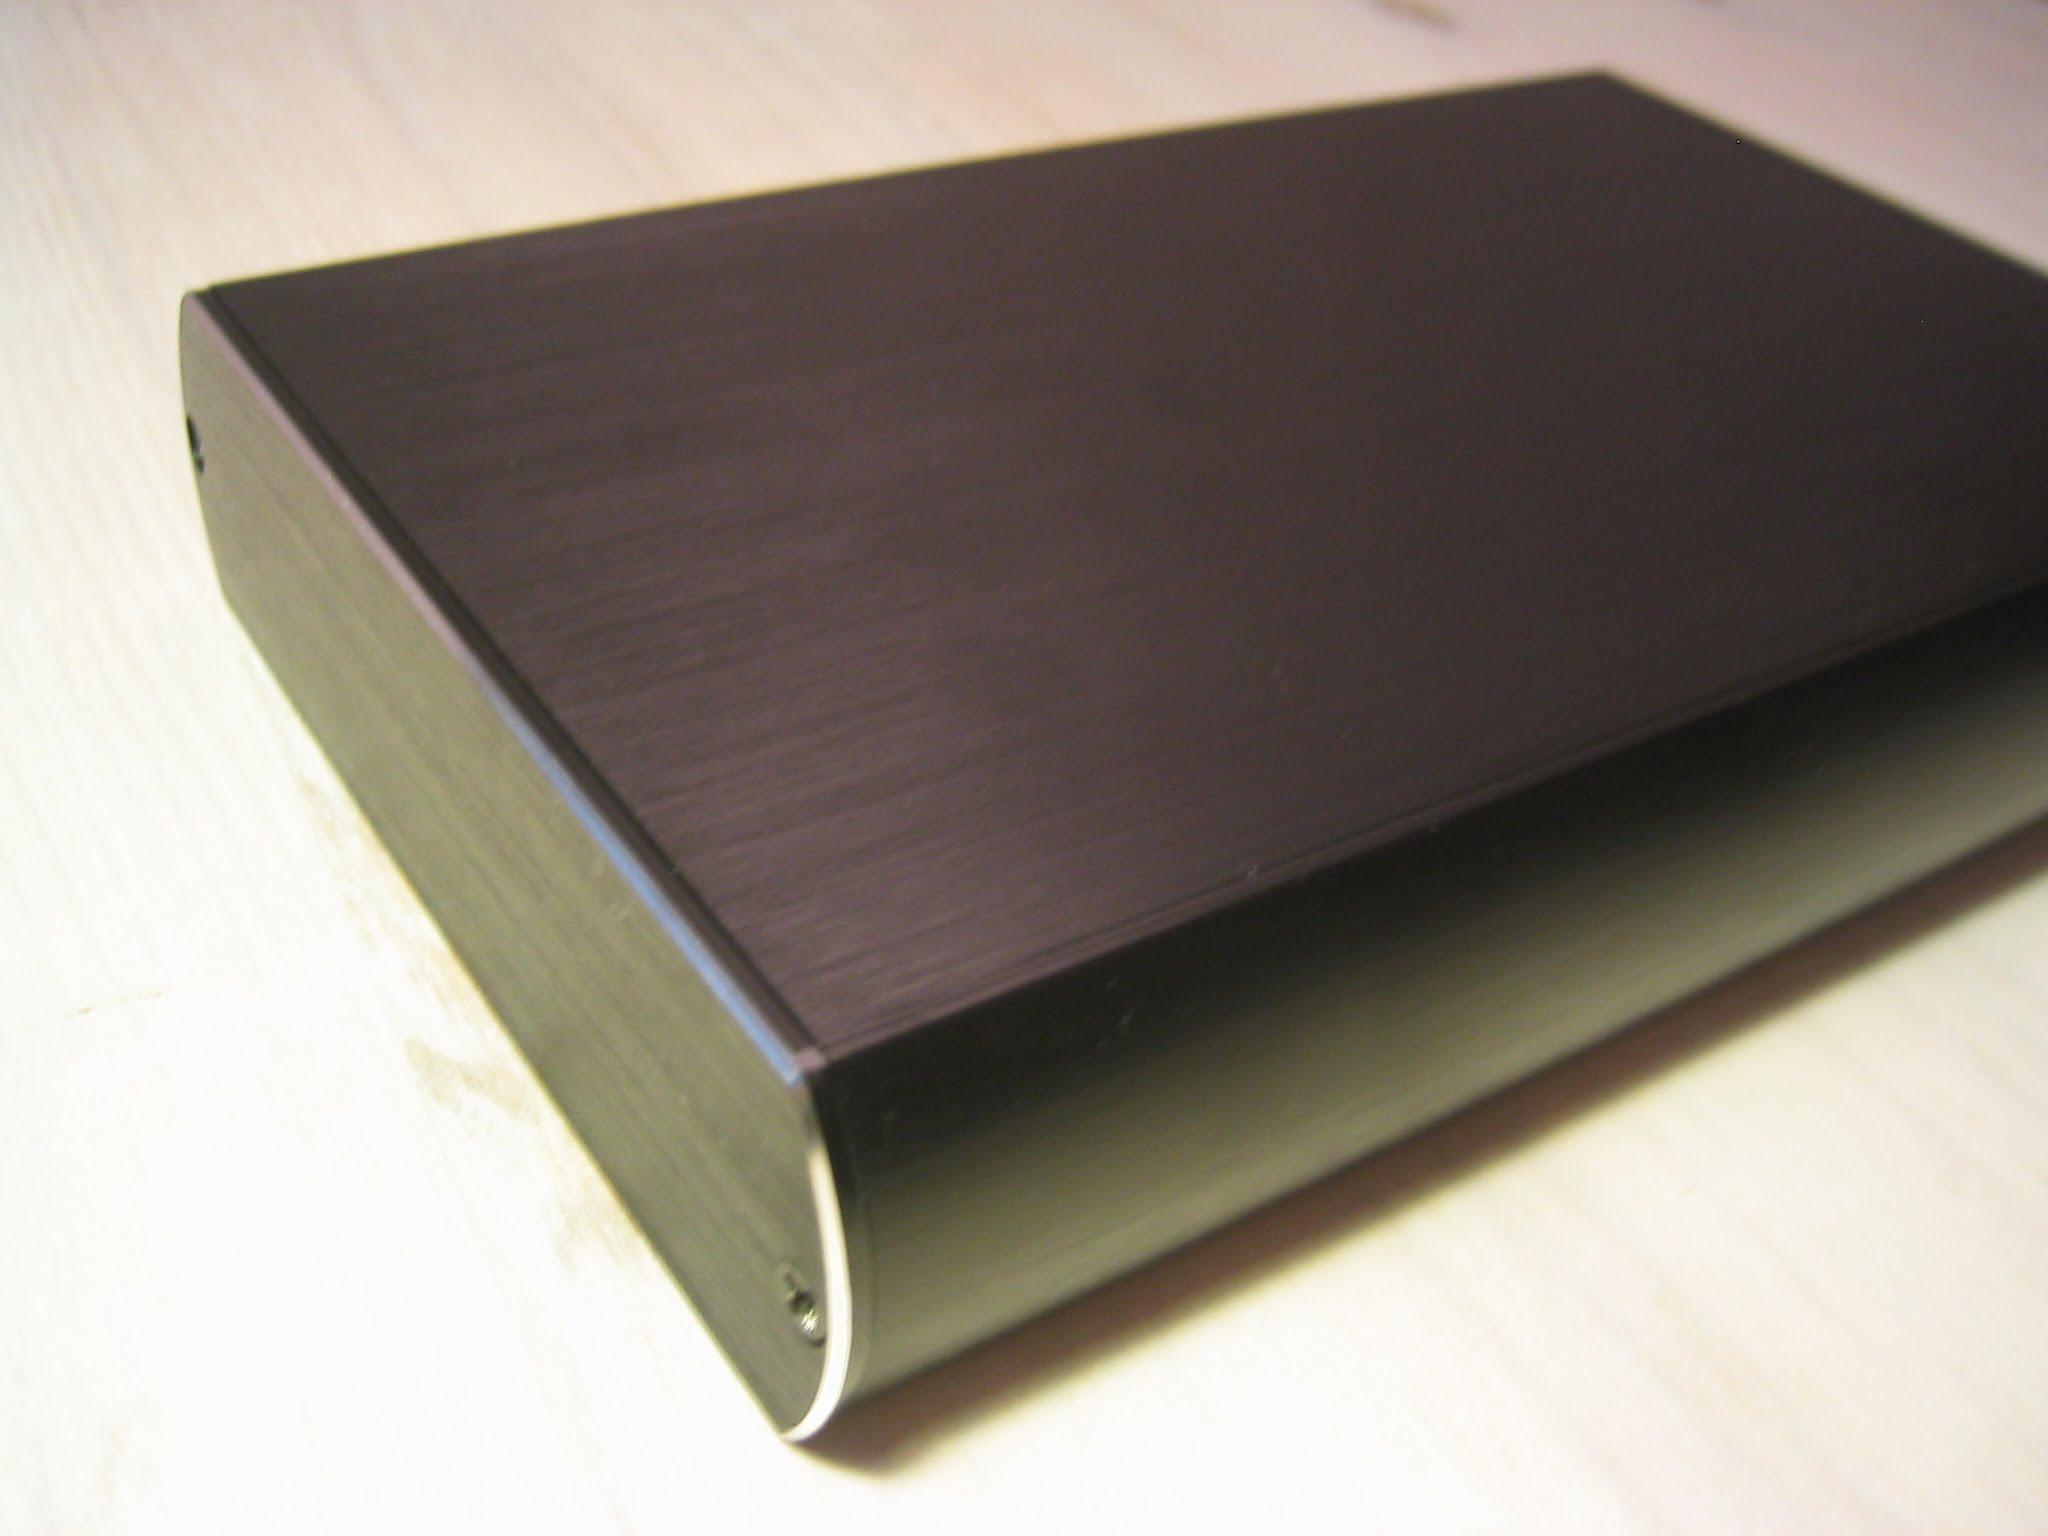 Review: CSL USB 3.0 Gehäuse für 3,5 Zoll SATA Festplatte